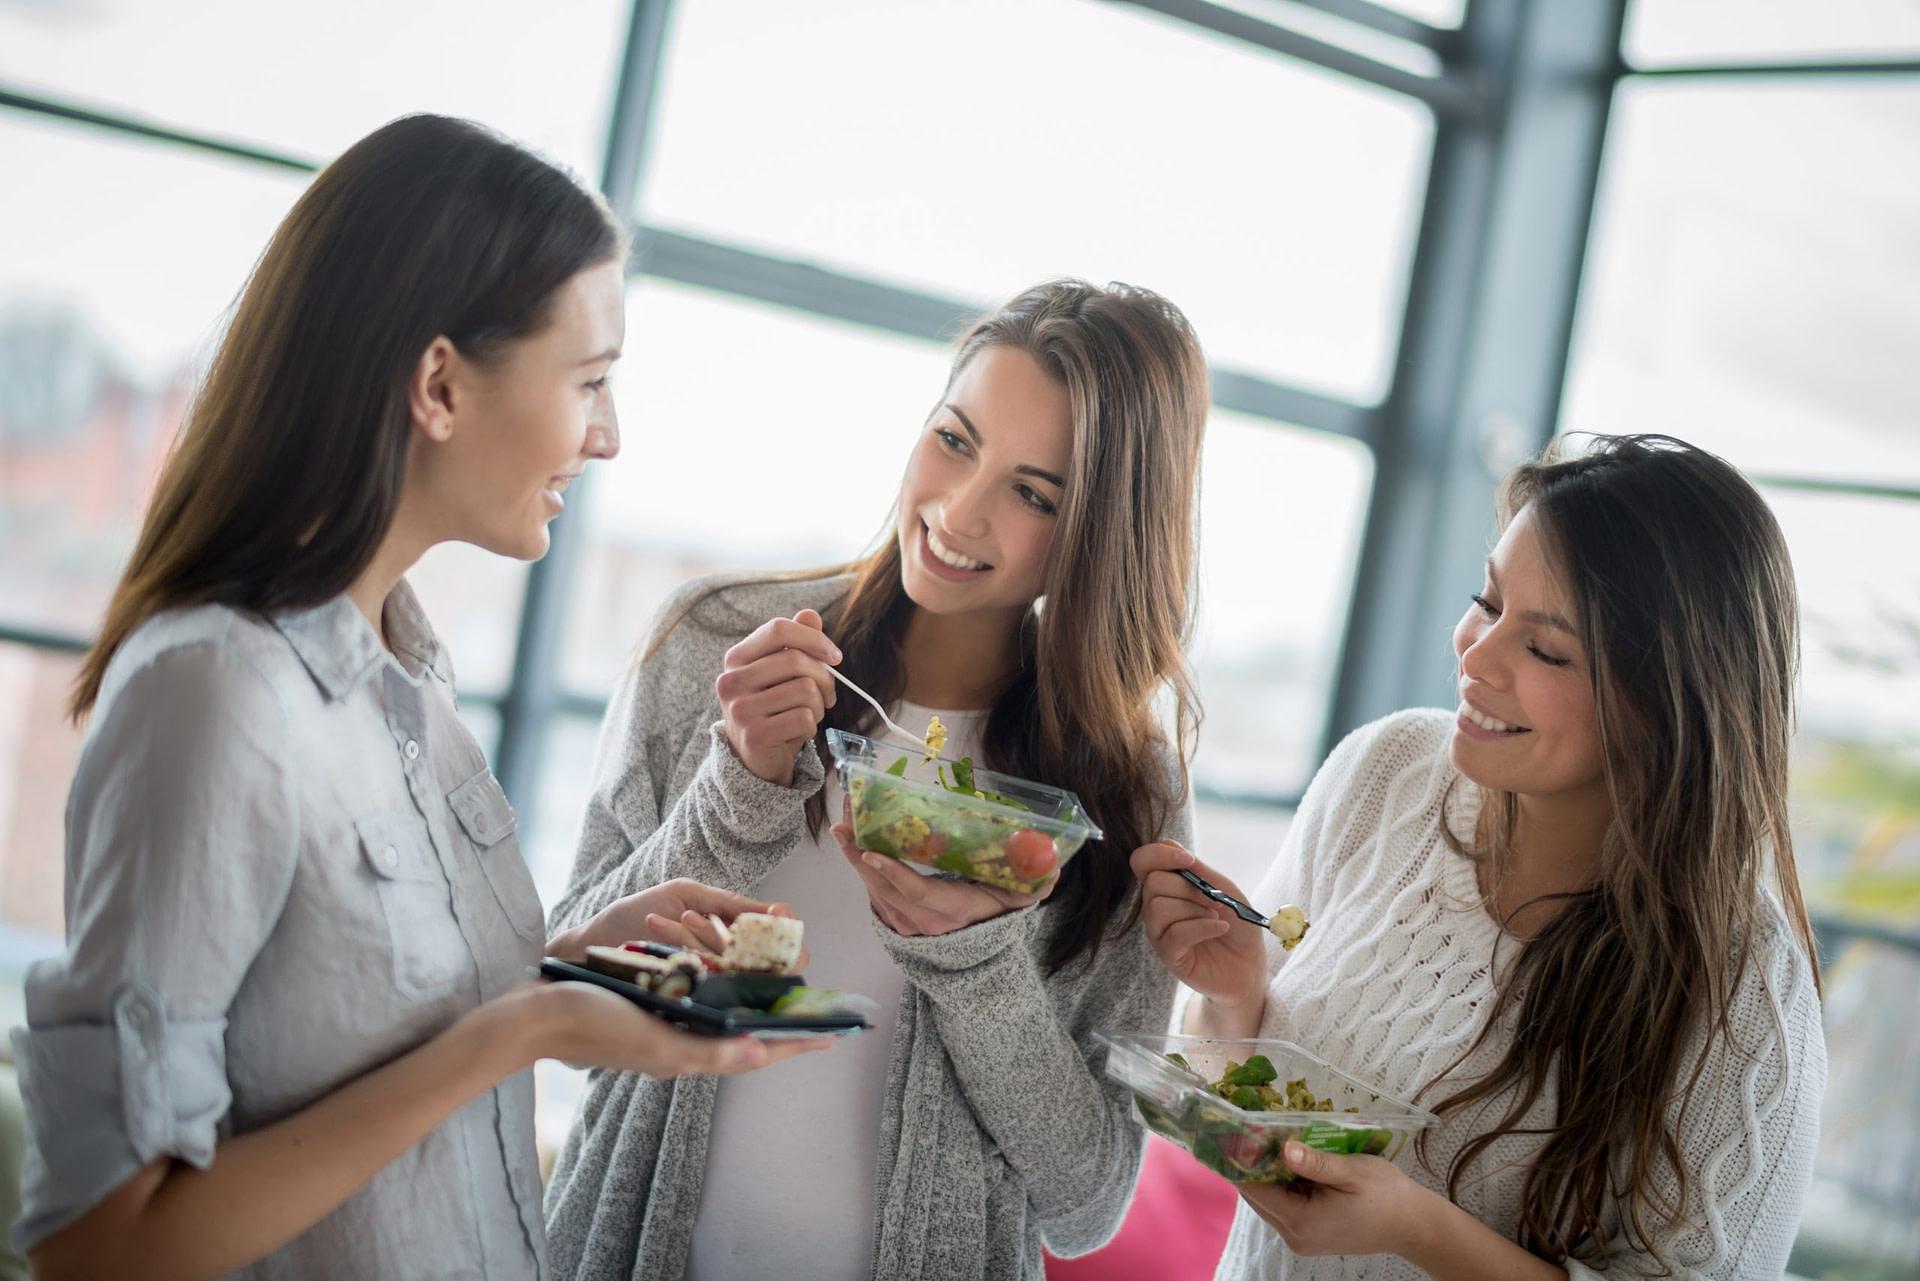 women eating from a byte kiosk